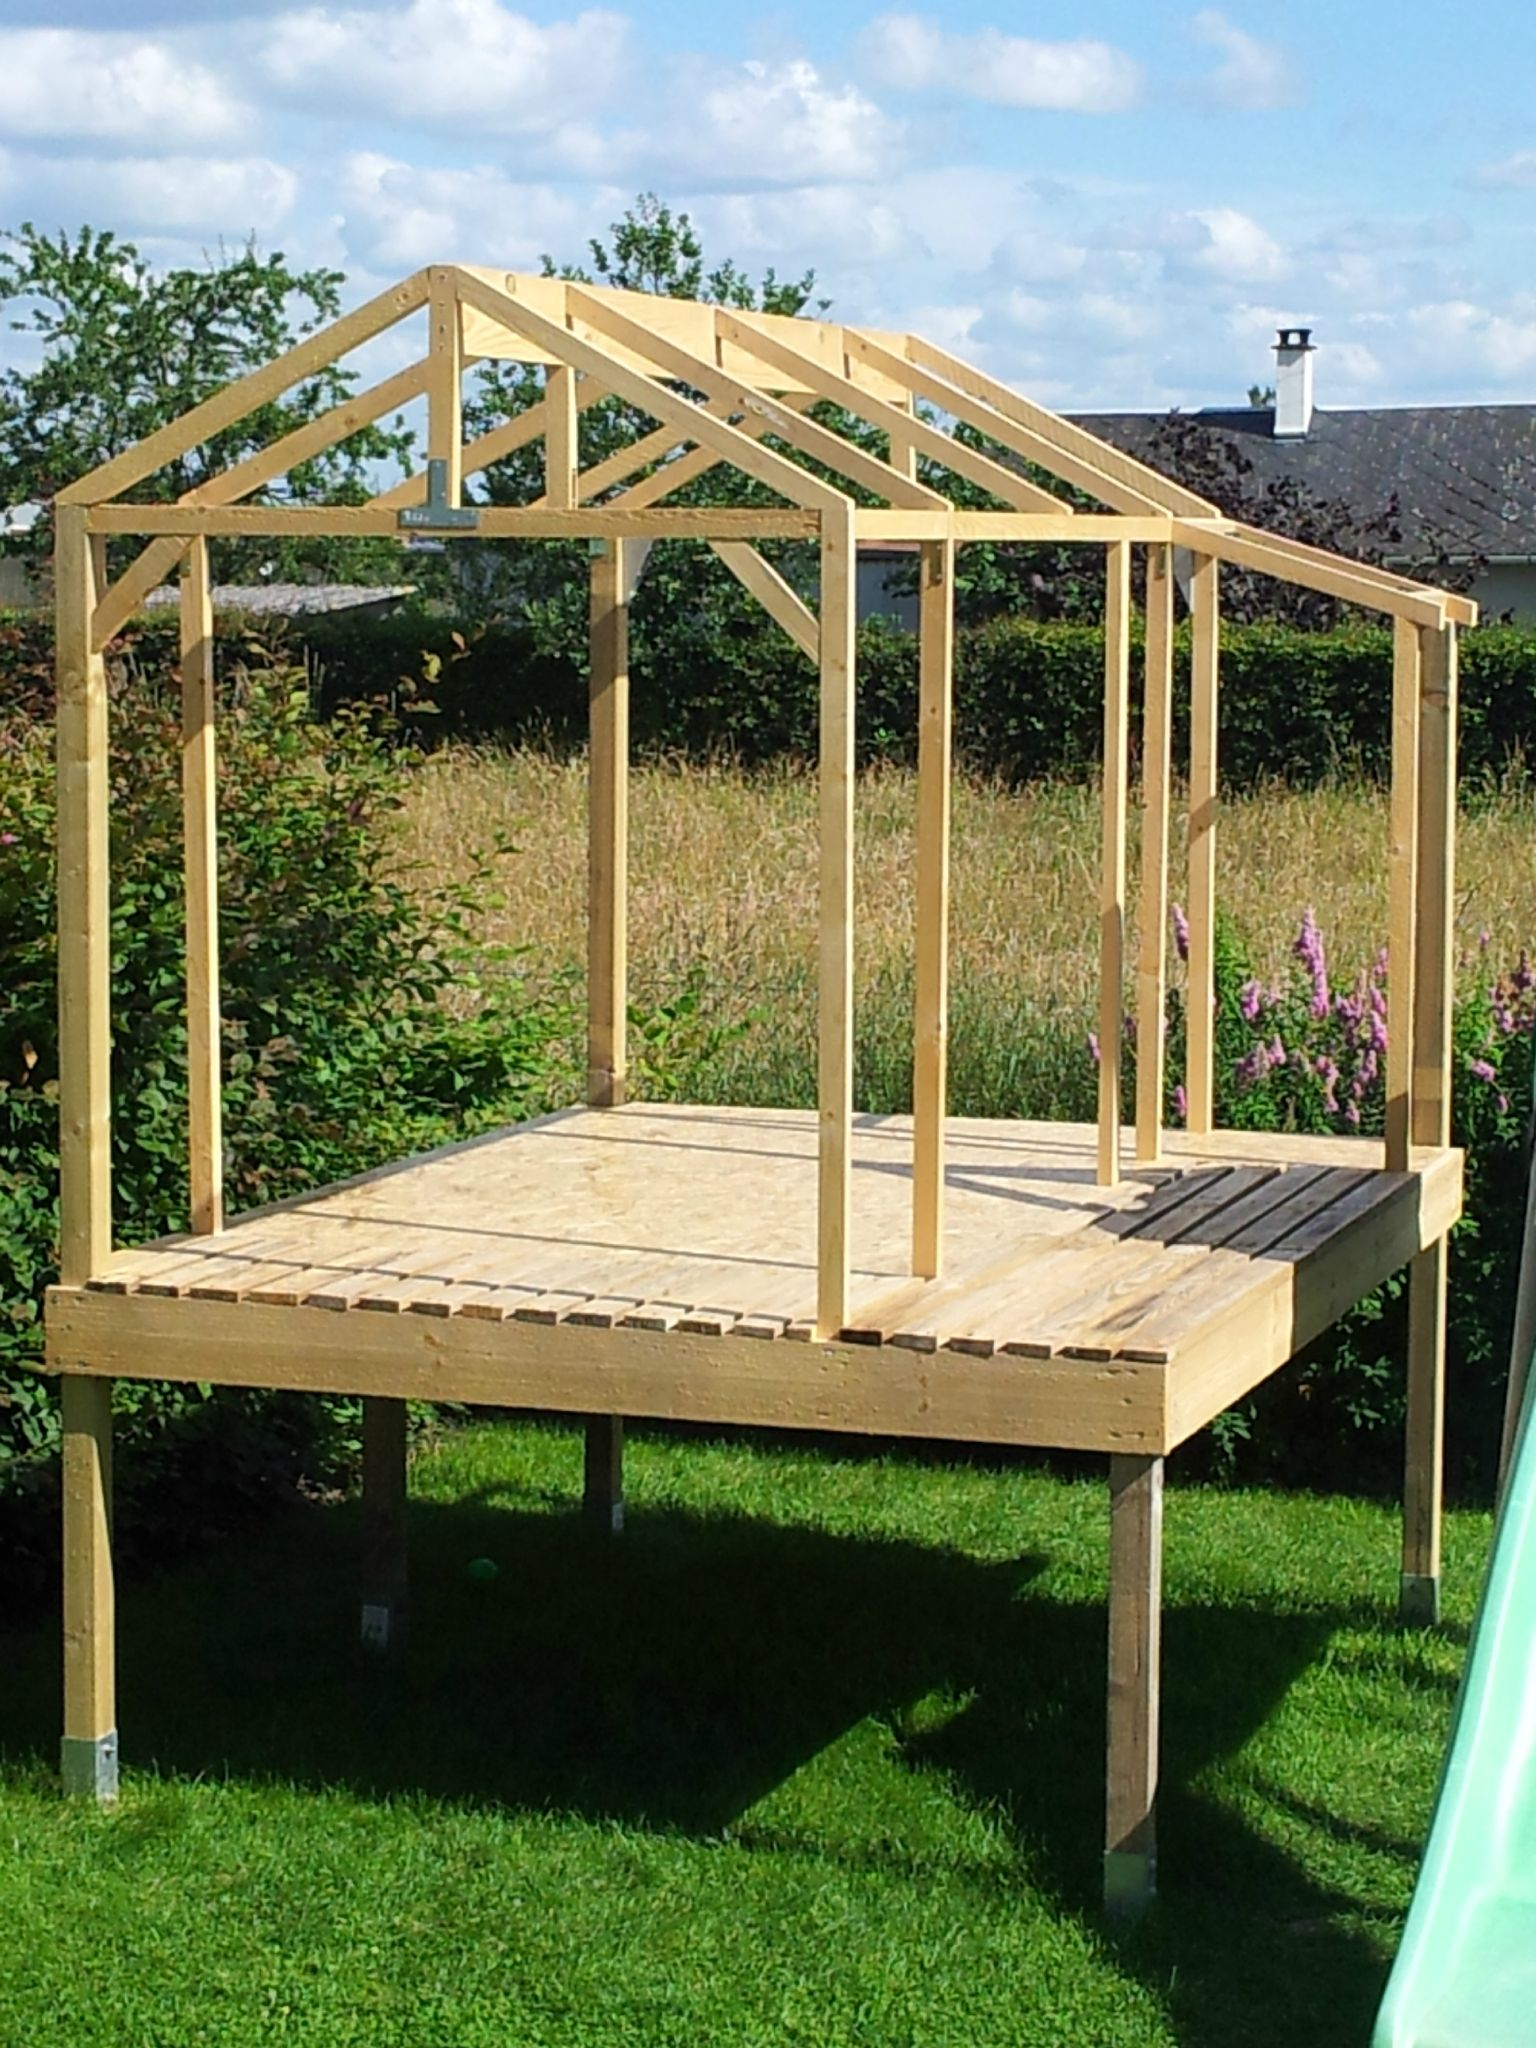 Fabriquer maison bois enfant - maison parallele